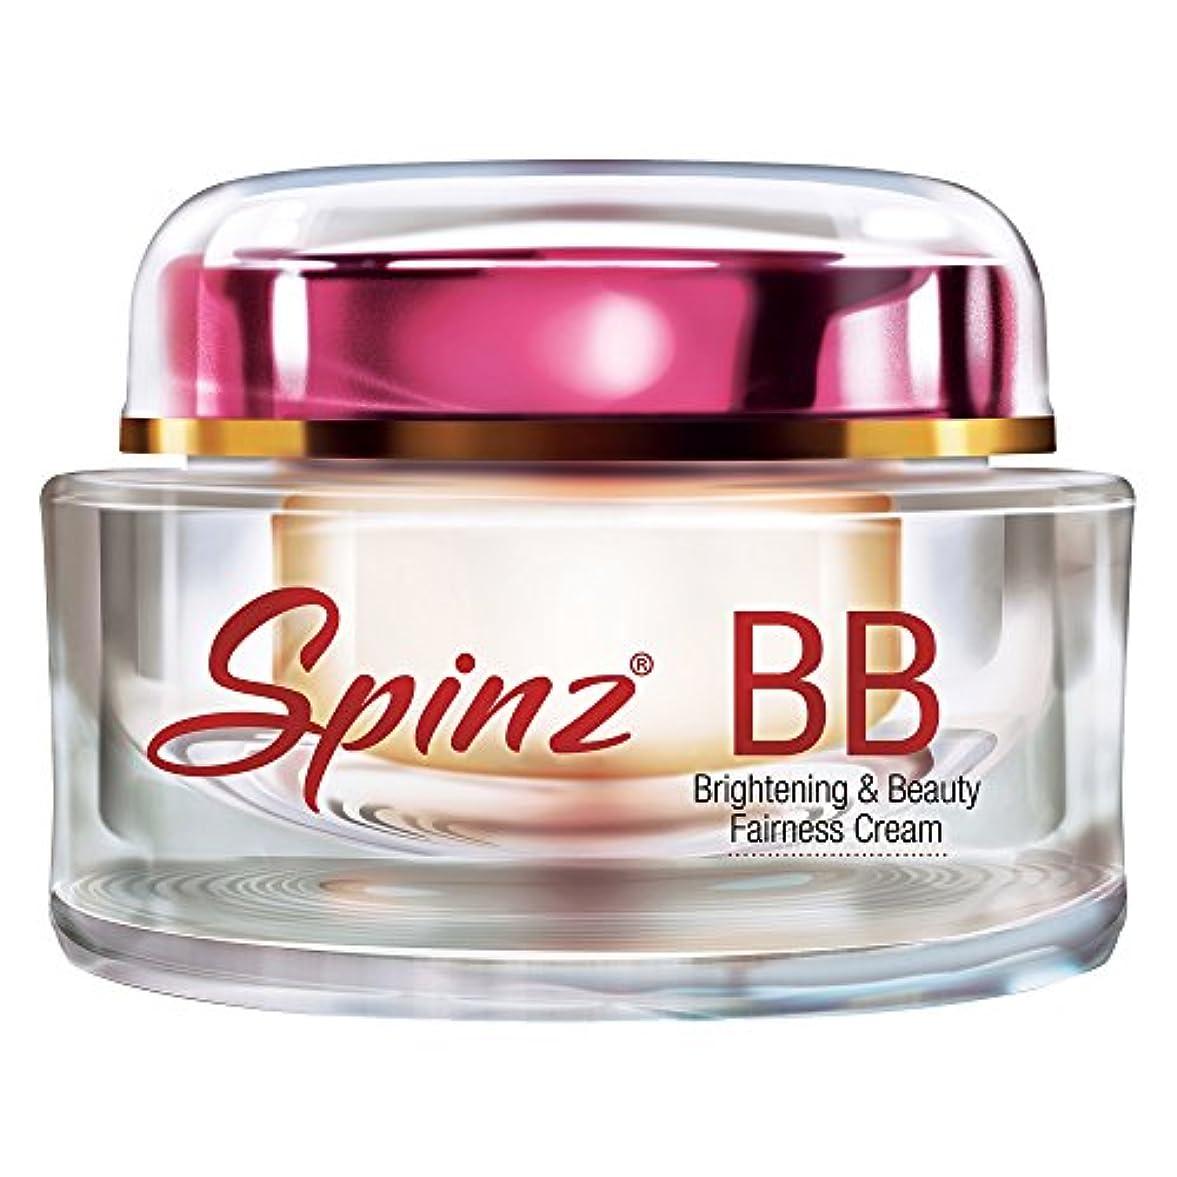 残高申し立て衣装Spinz BB Fairness Cream, 50gm